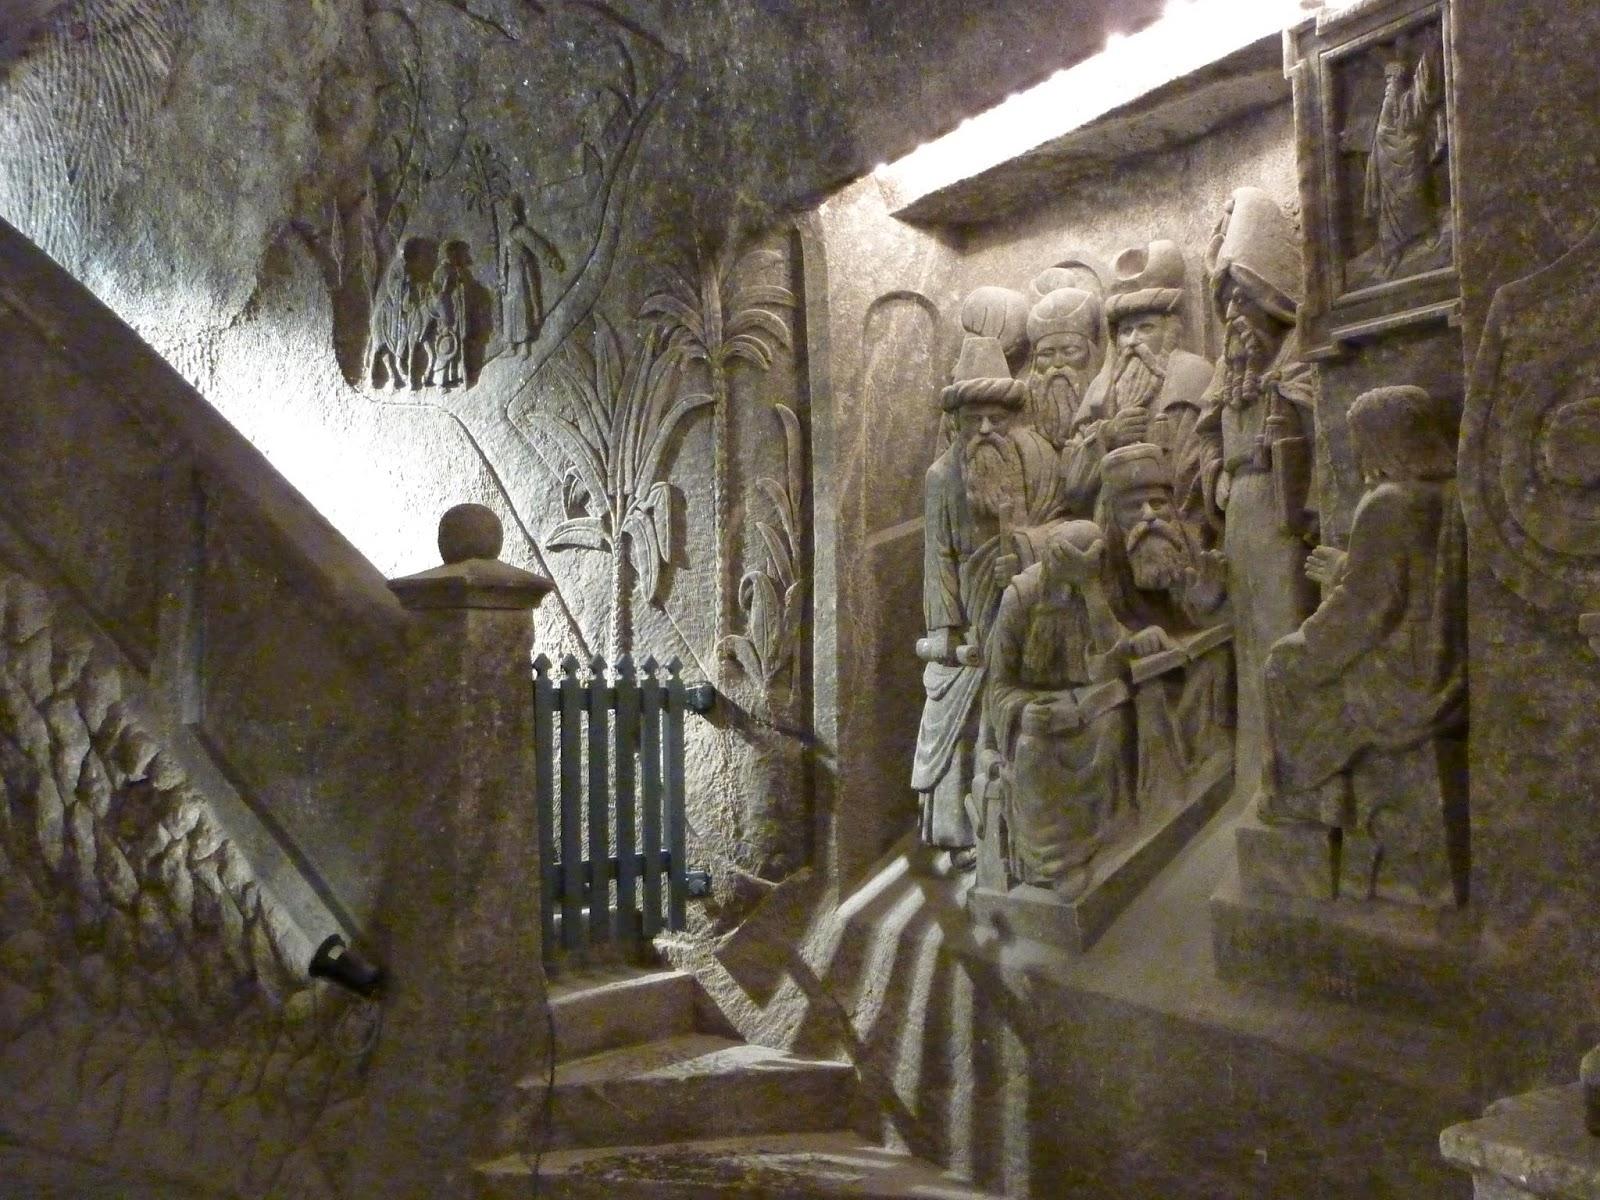 Rilievo intagliato nel sale, presente nella chiesa principale di Wieliczka